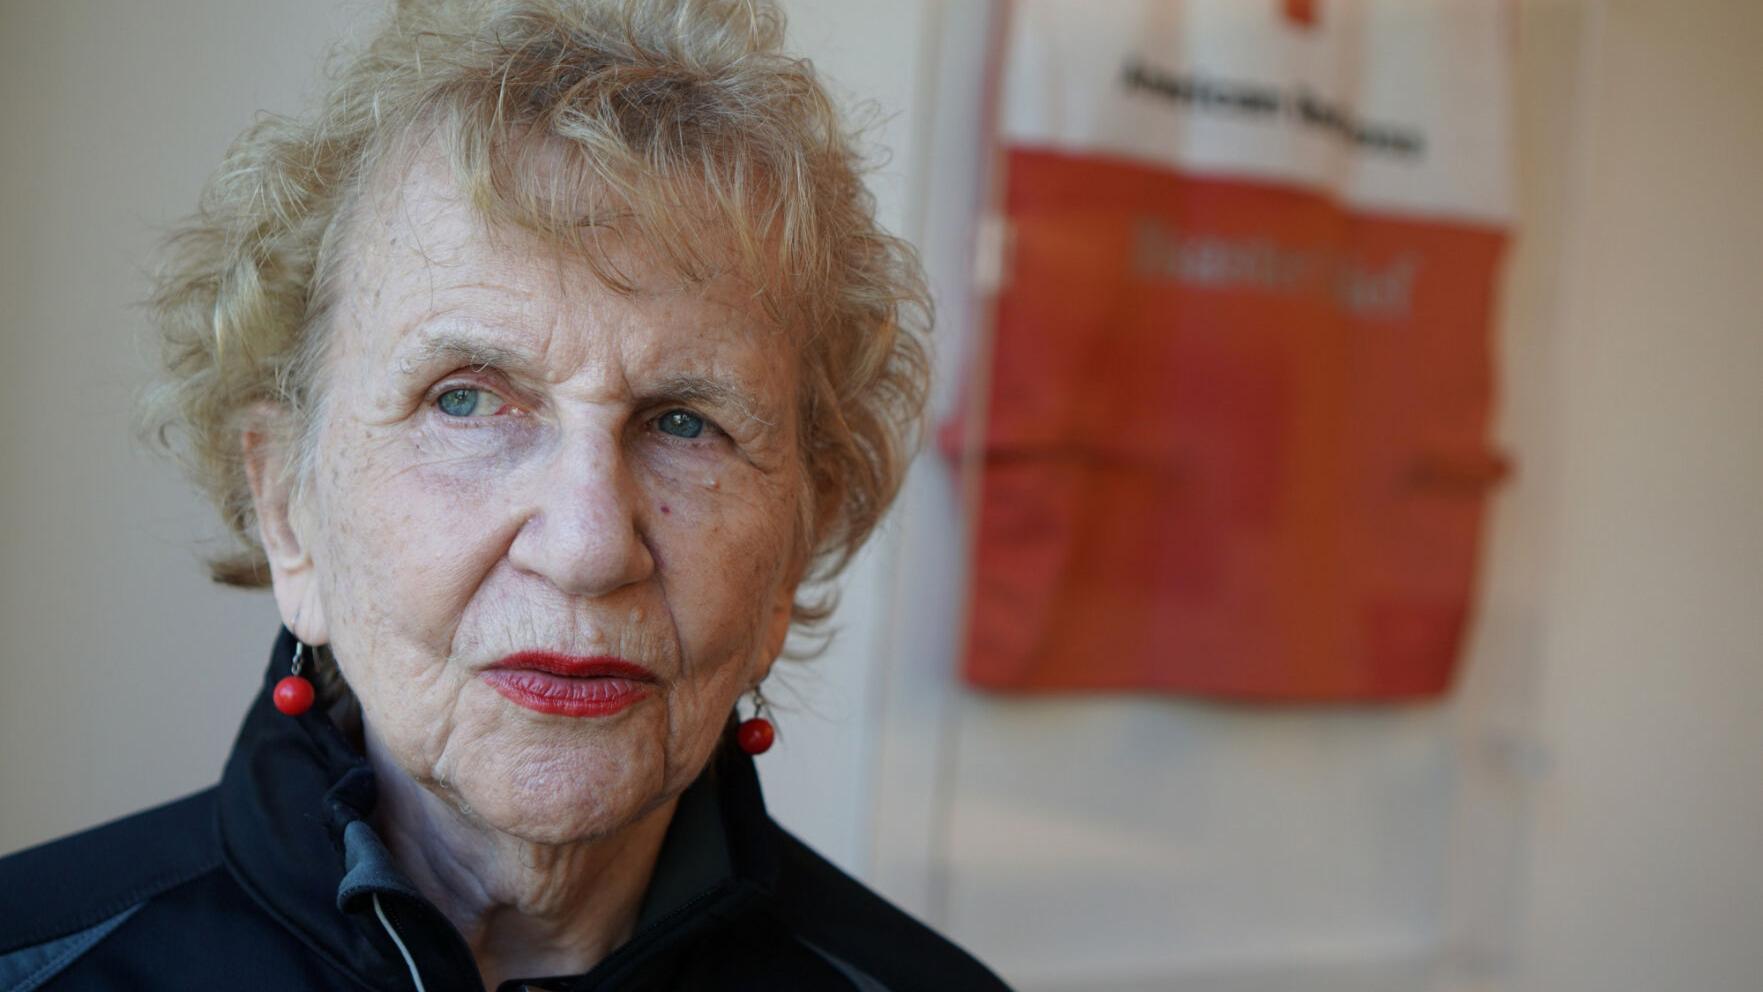 Red Cross volunteer, 91, calls her 3 decades of service 'best job I've ever had'